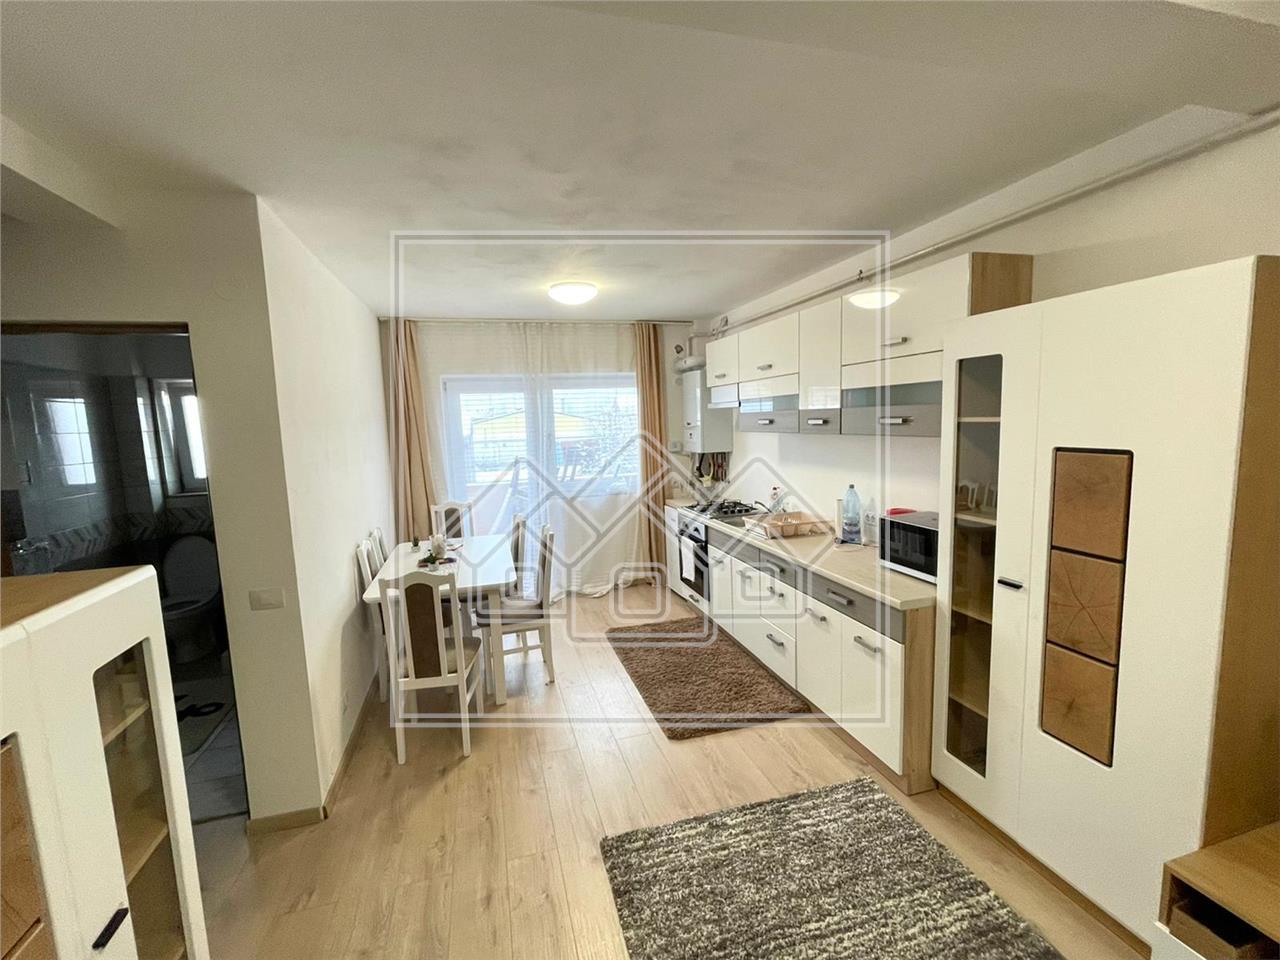 Apartament de inchiriat in Sibiu-3 Camere cu balcon -Calea Surii Mici